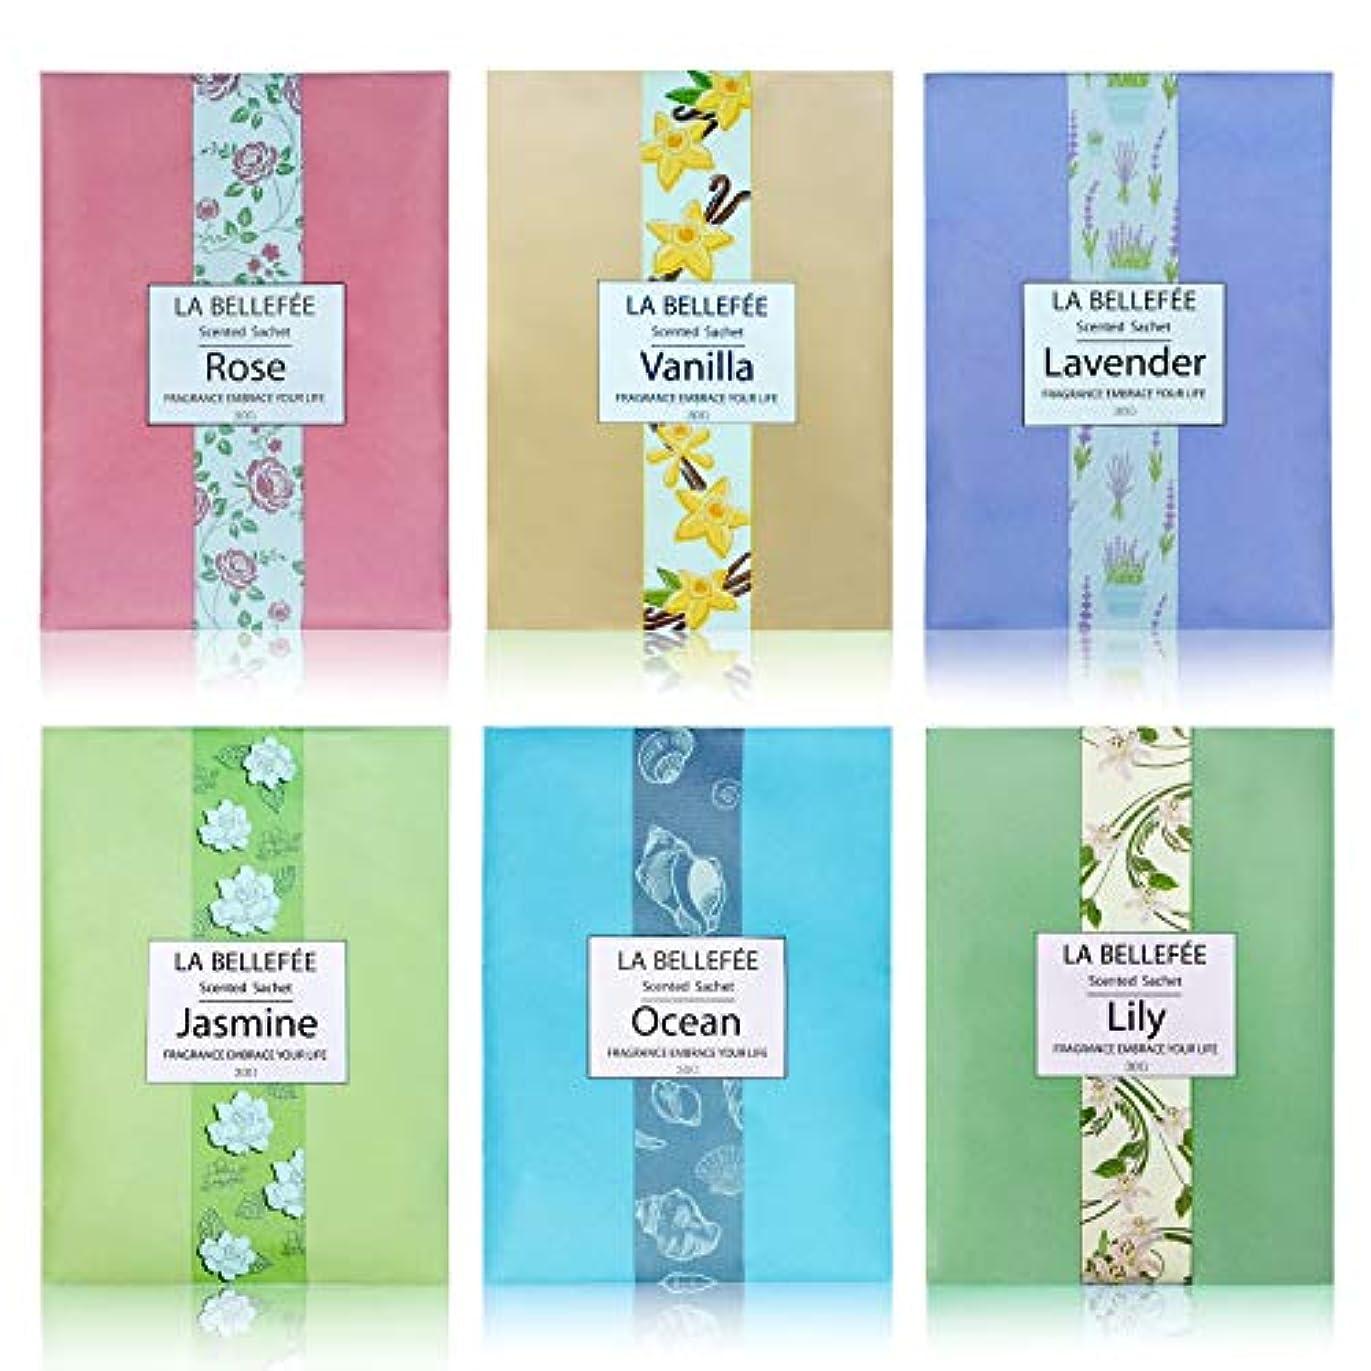 ペレット優しい贅沢LA BELLEFÉE 香り袋 サシェ フレンチマカロン 匂い袋 アロマ袋 香りサシェ 着物用 芳香剤 におい良い 花の香り 車内用 玄関用 部屋用 アロマブクロ 6種類の香り